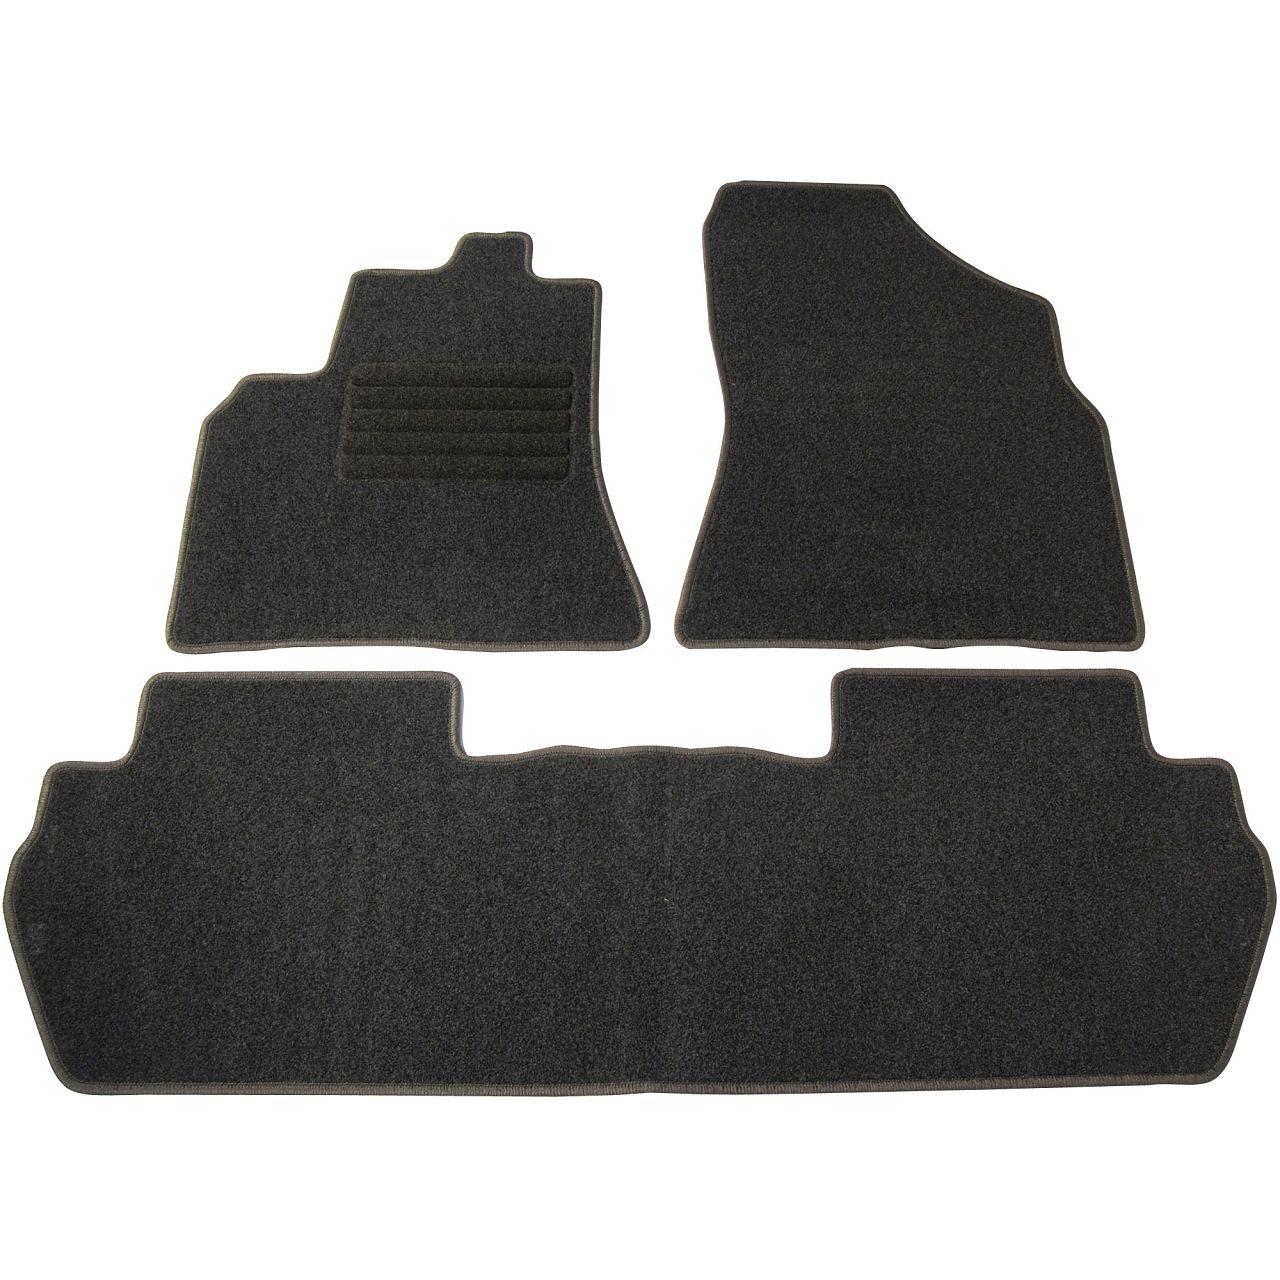 Veloursmatten Textilmatten Fußmatten Satz 3-tlg für PEUGEOT PARTNER TEPEE